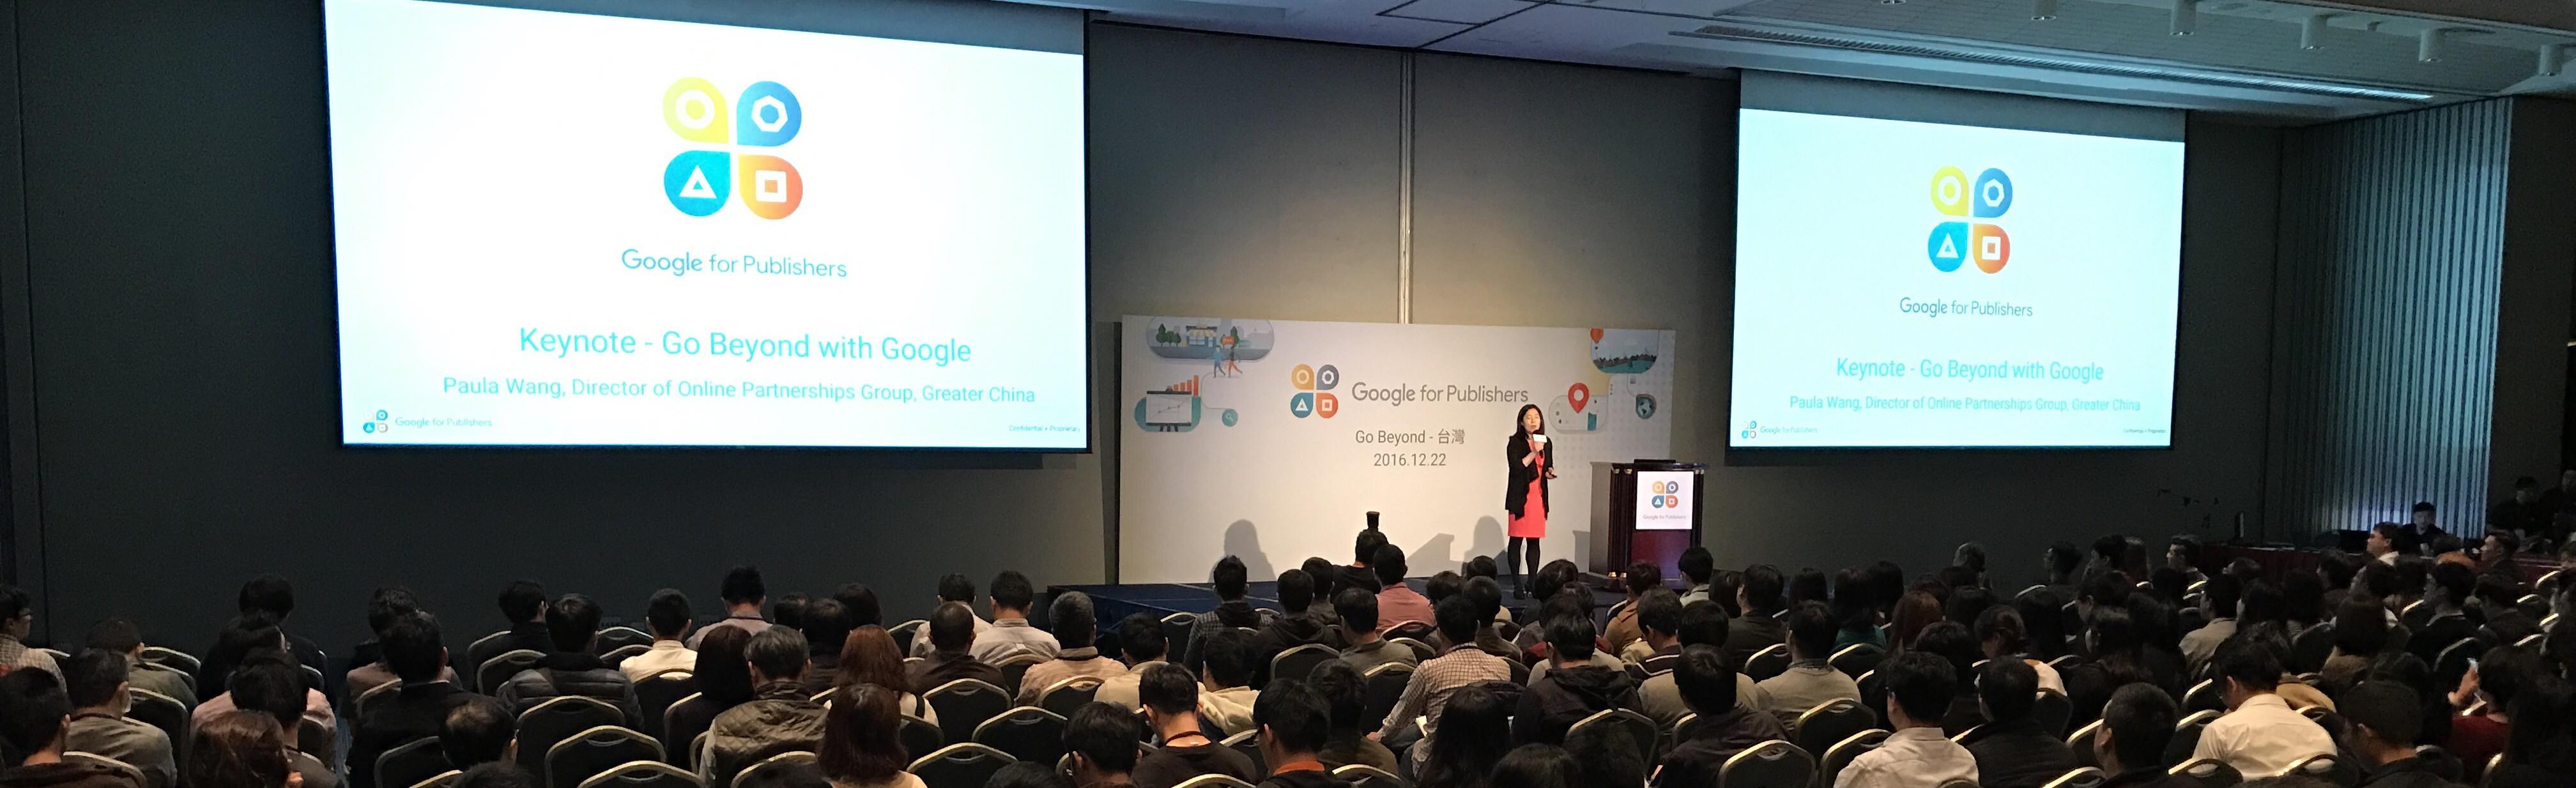 是Google 2016 台灣發佈商年終大會 蓋板廣告大戶奪冠好諷刺這篇文章的首圖